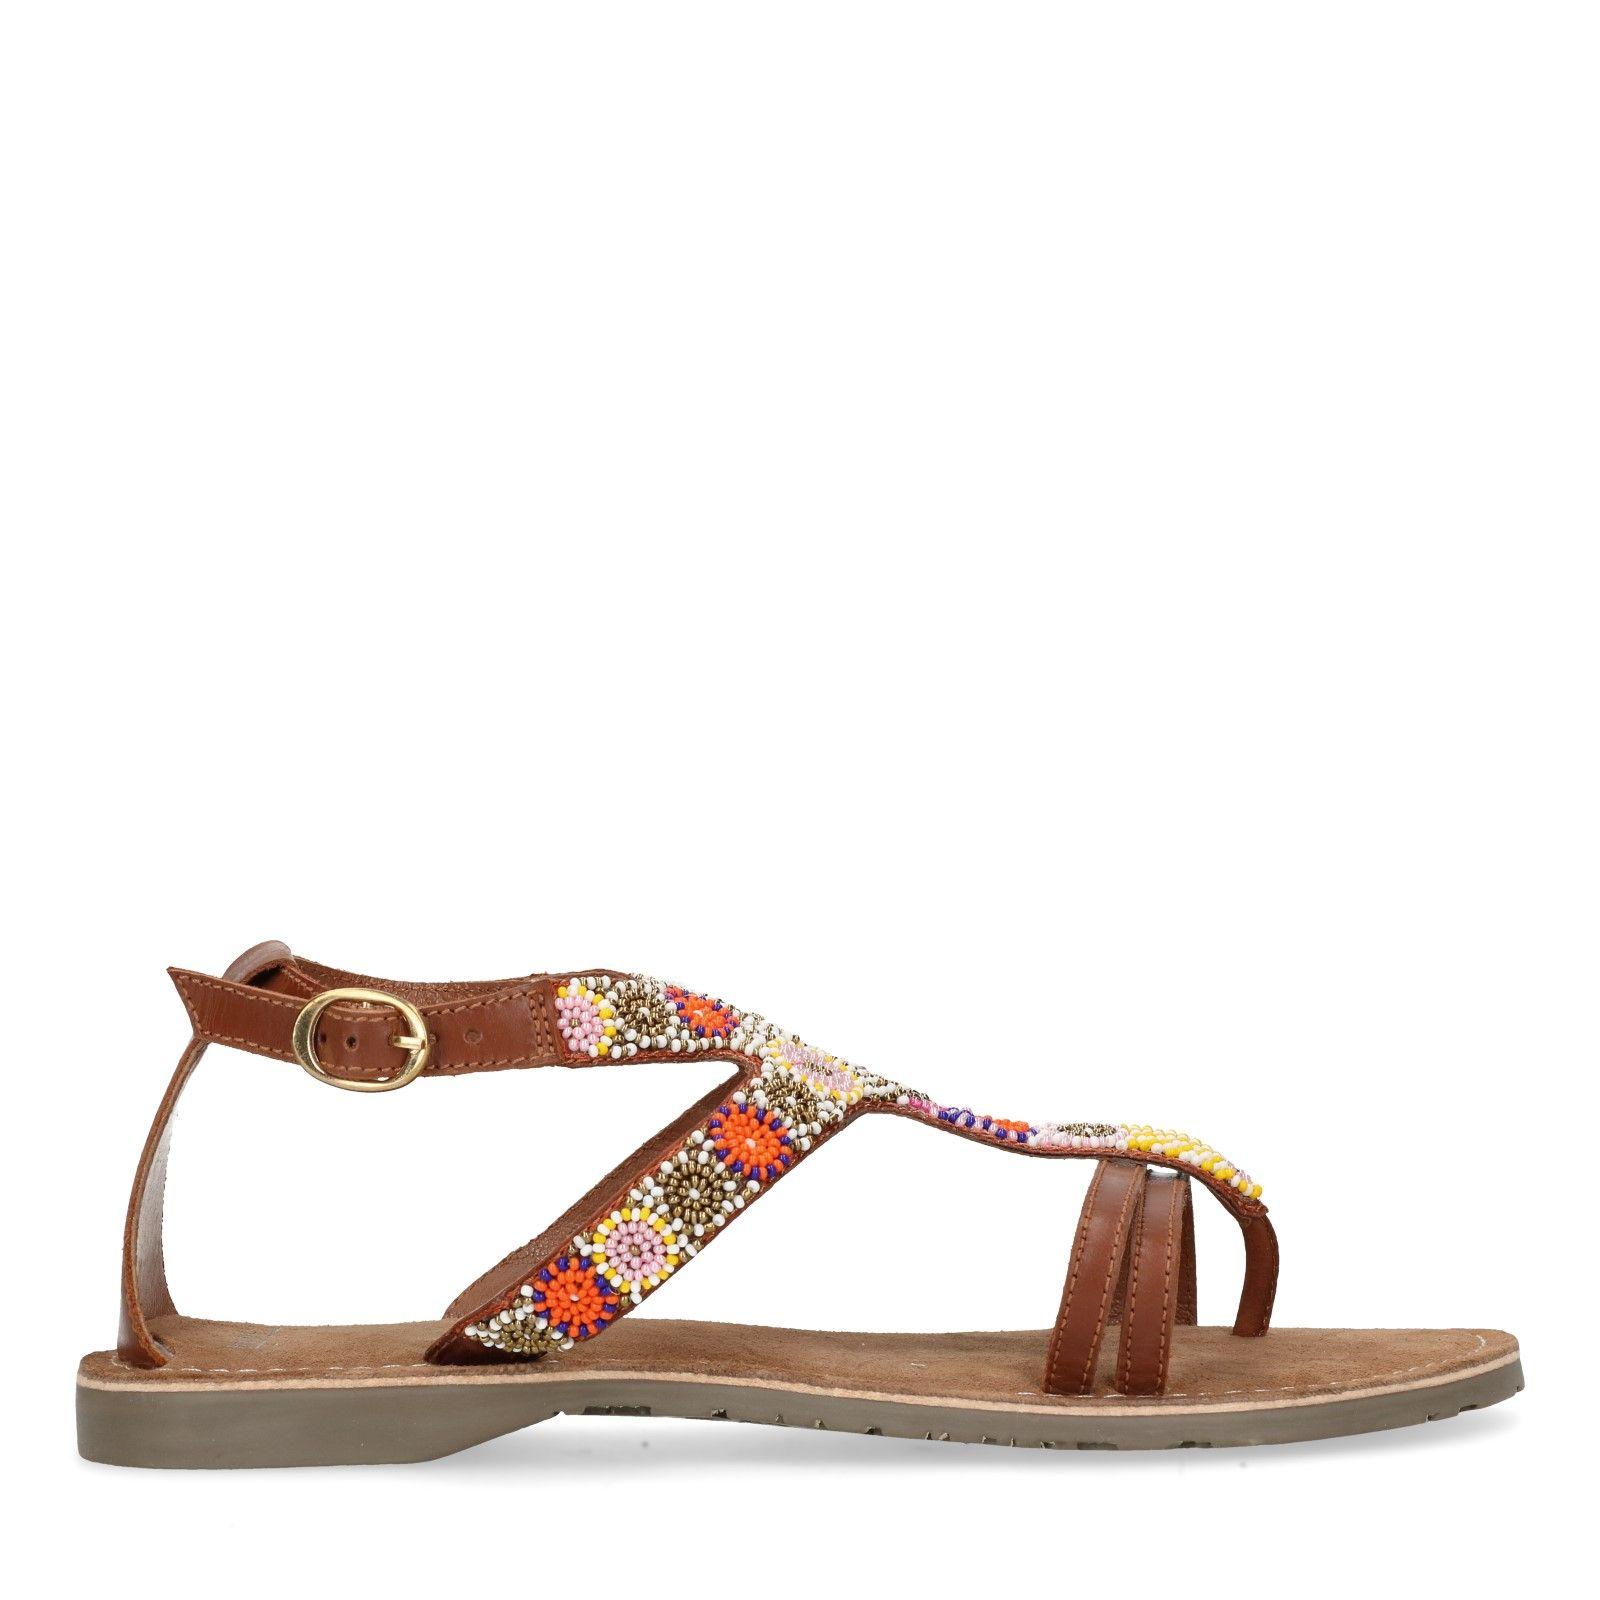 Ongebruikt Leren sandalen met kralen - Dames | MANFIELD BK-53